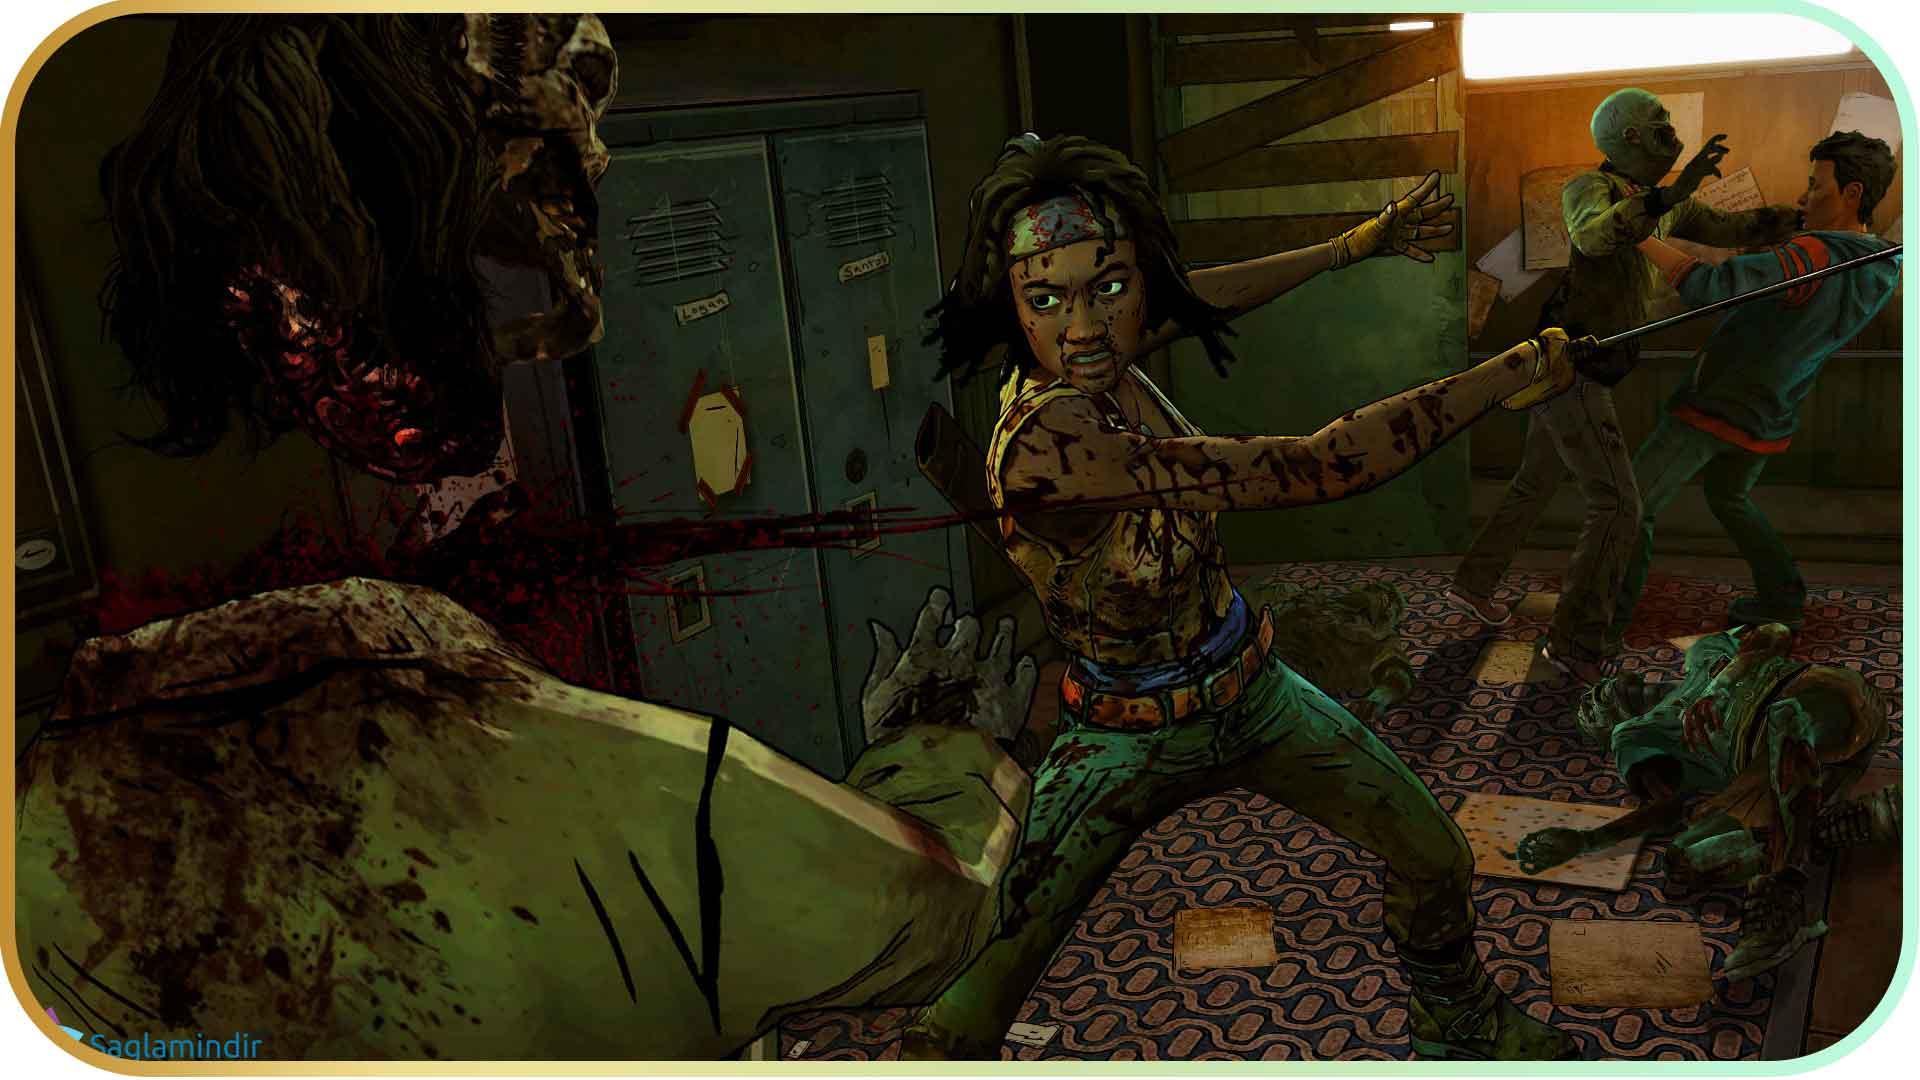 The Walking Dead Michonne Episode 3 full indir